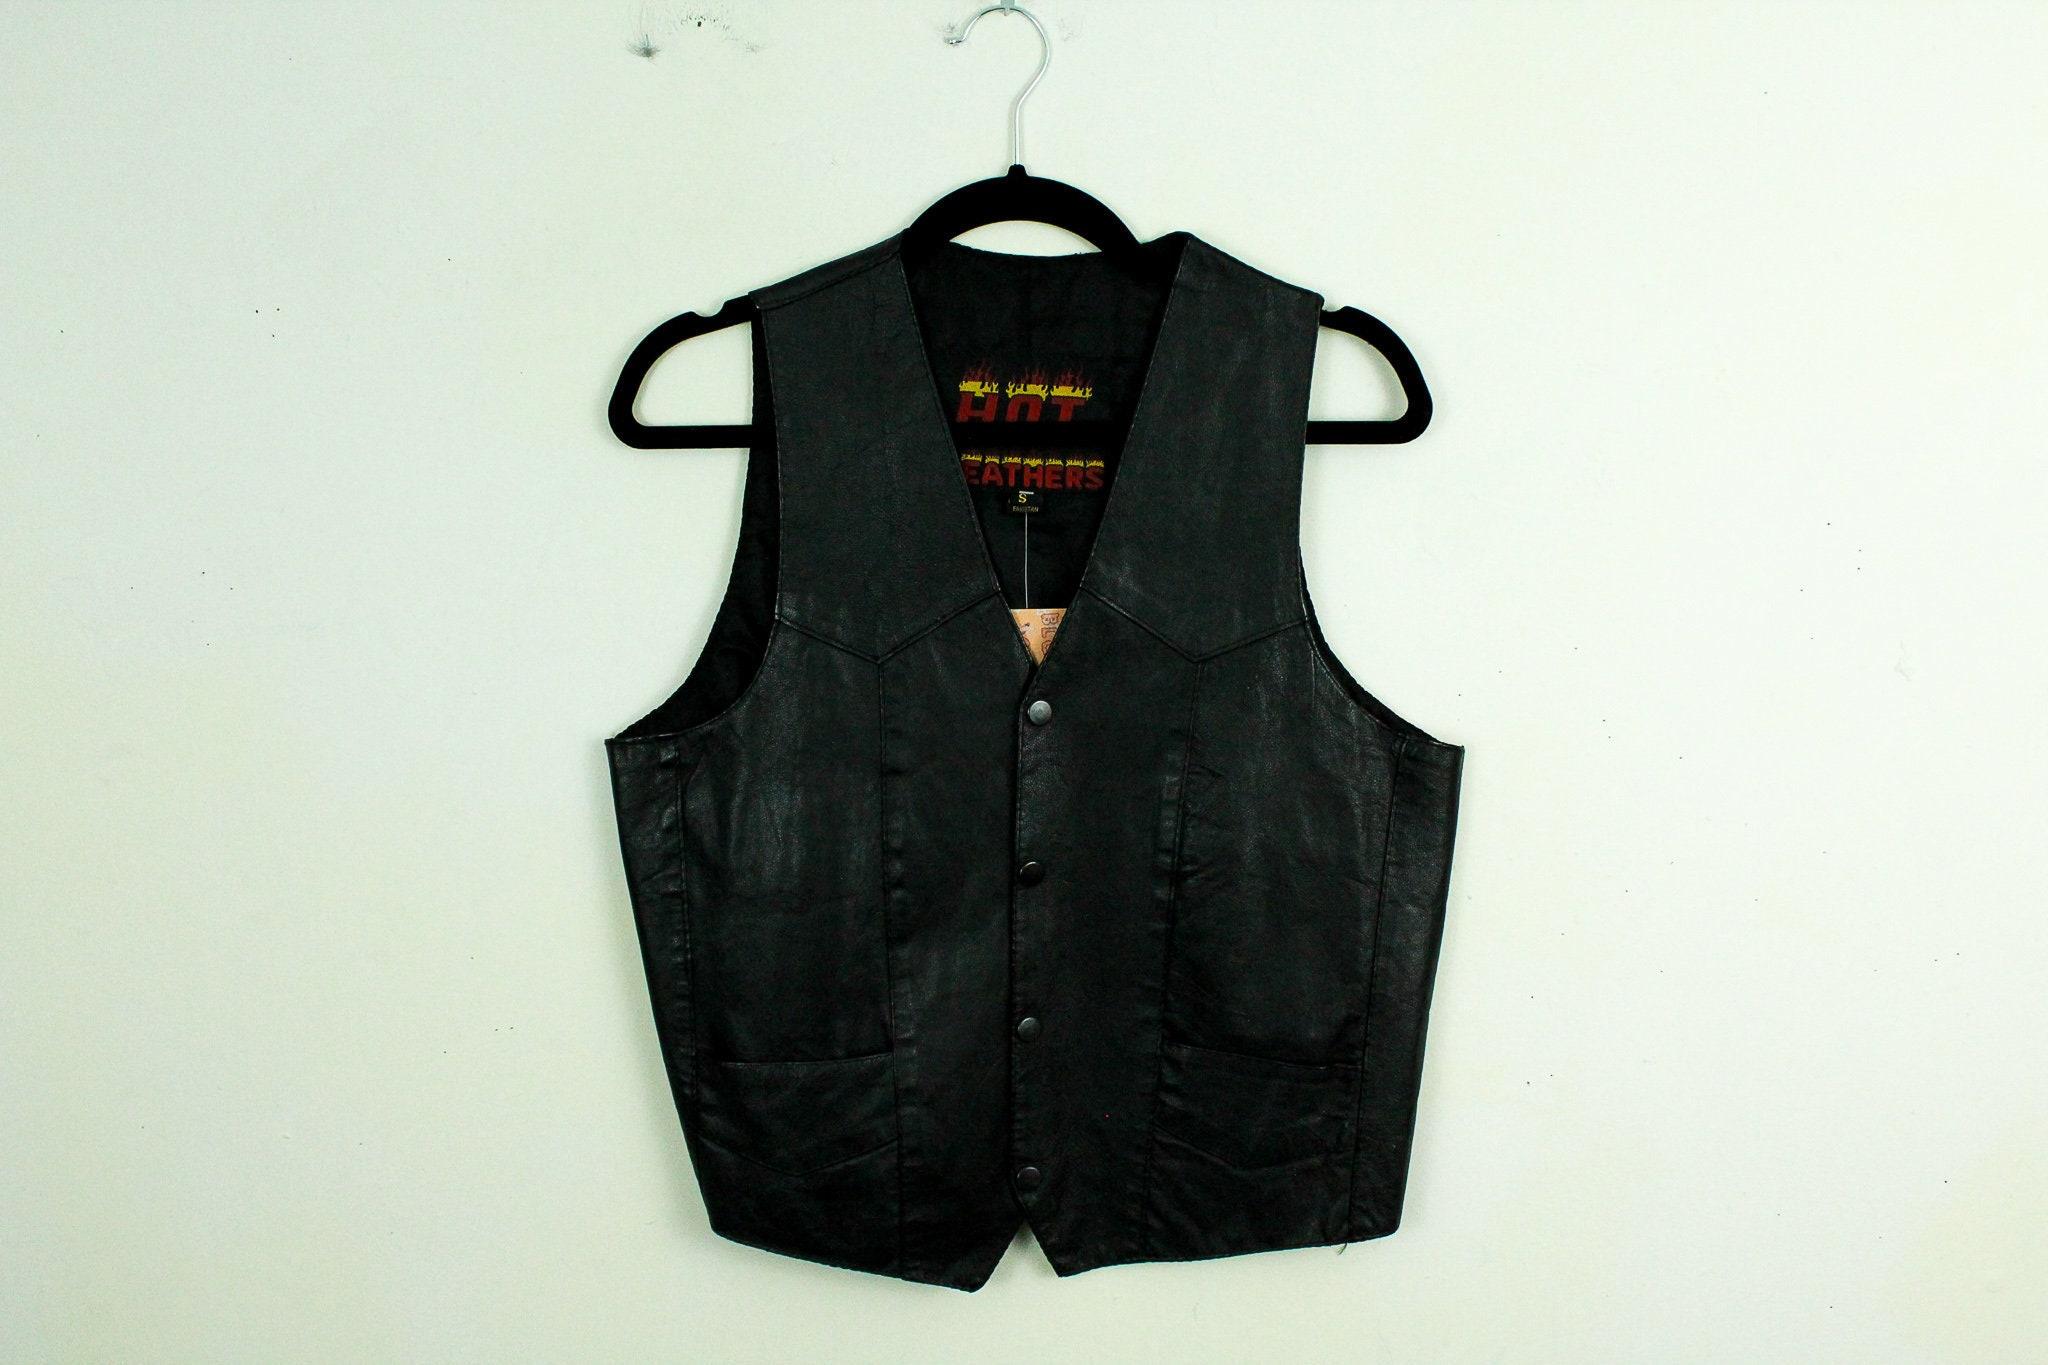 99bcd8ab Vintage 1980s Black Hot Leathers Leather Biker Vest / Pockets | Etsy